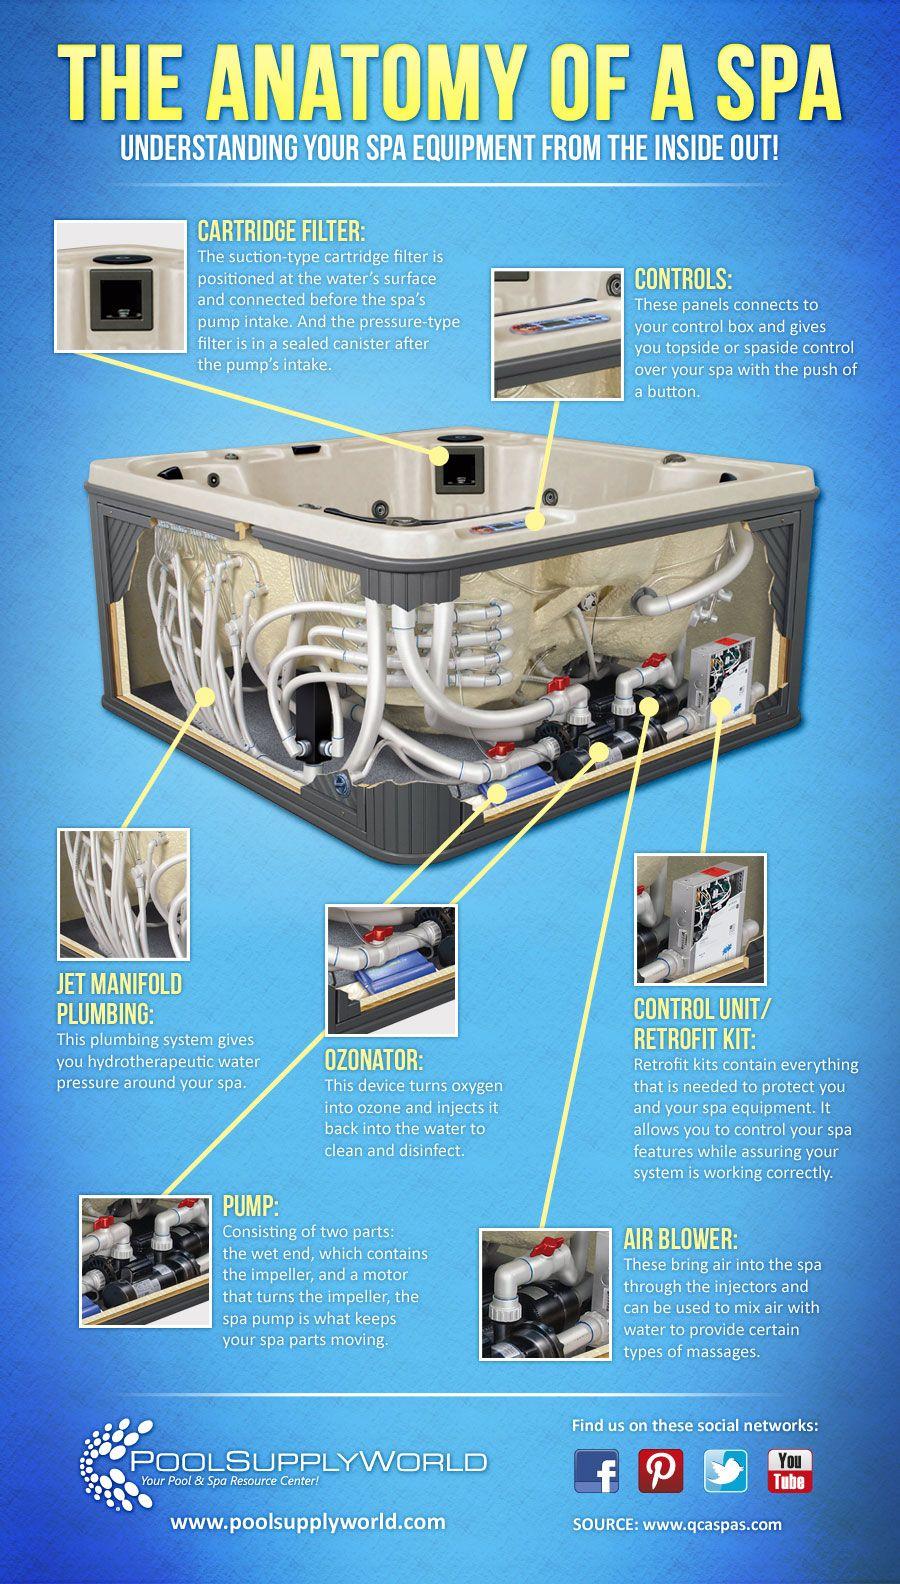 Anatomyofaspa Infographic Jpg 900 1 584 Pixels Jacuzzi Hot Tub Hot Tub Repair Pool Hot Tub